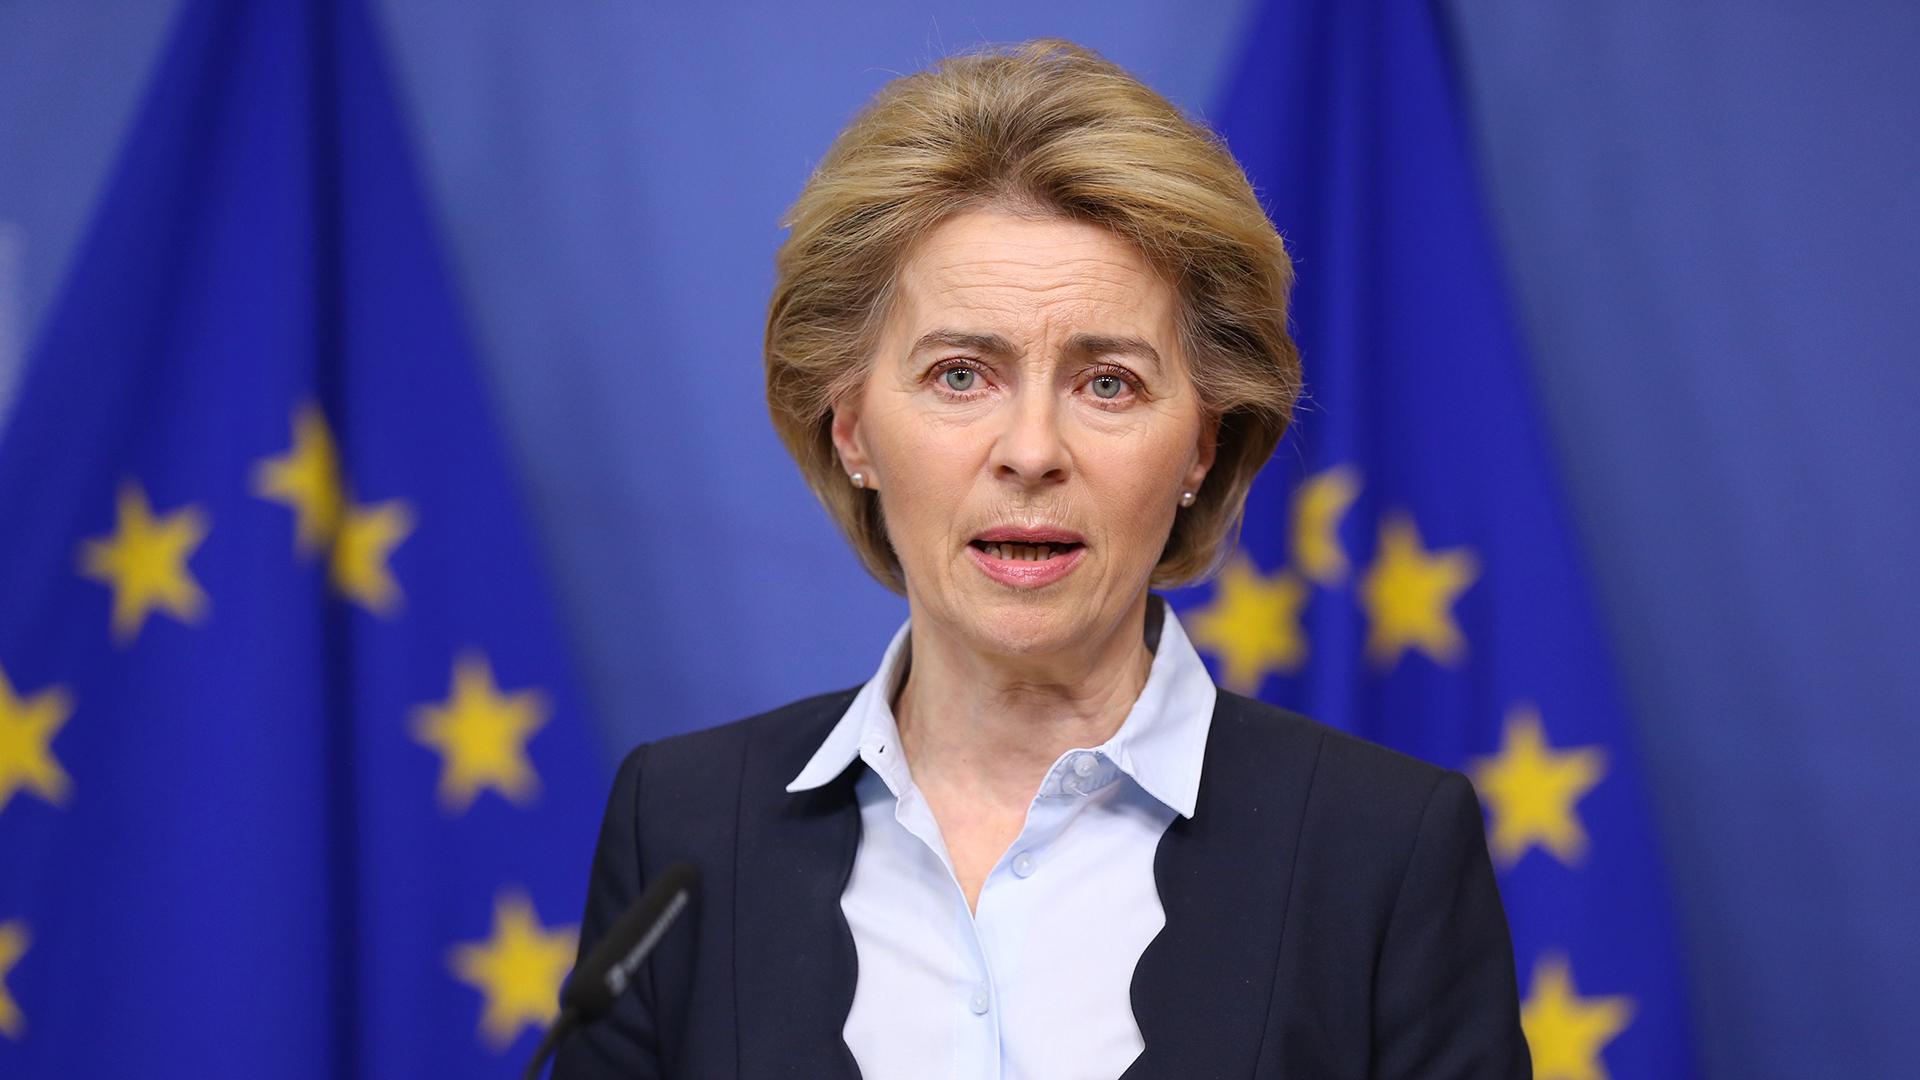 Ursula von der Leyen a twitteren jelentette be, hogy lezárhatják az európai unió határait